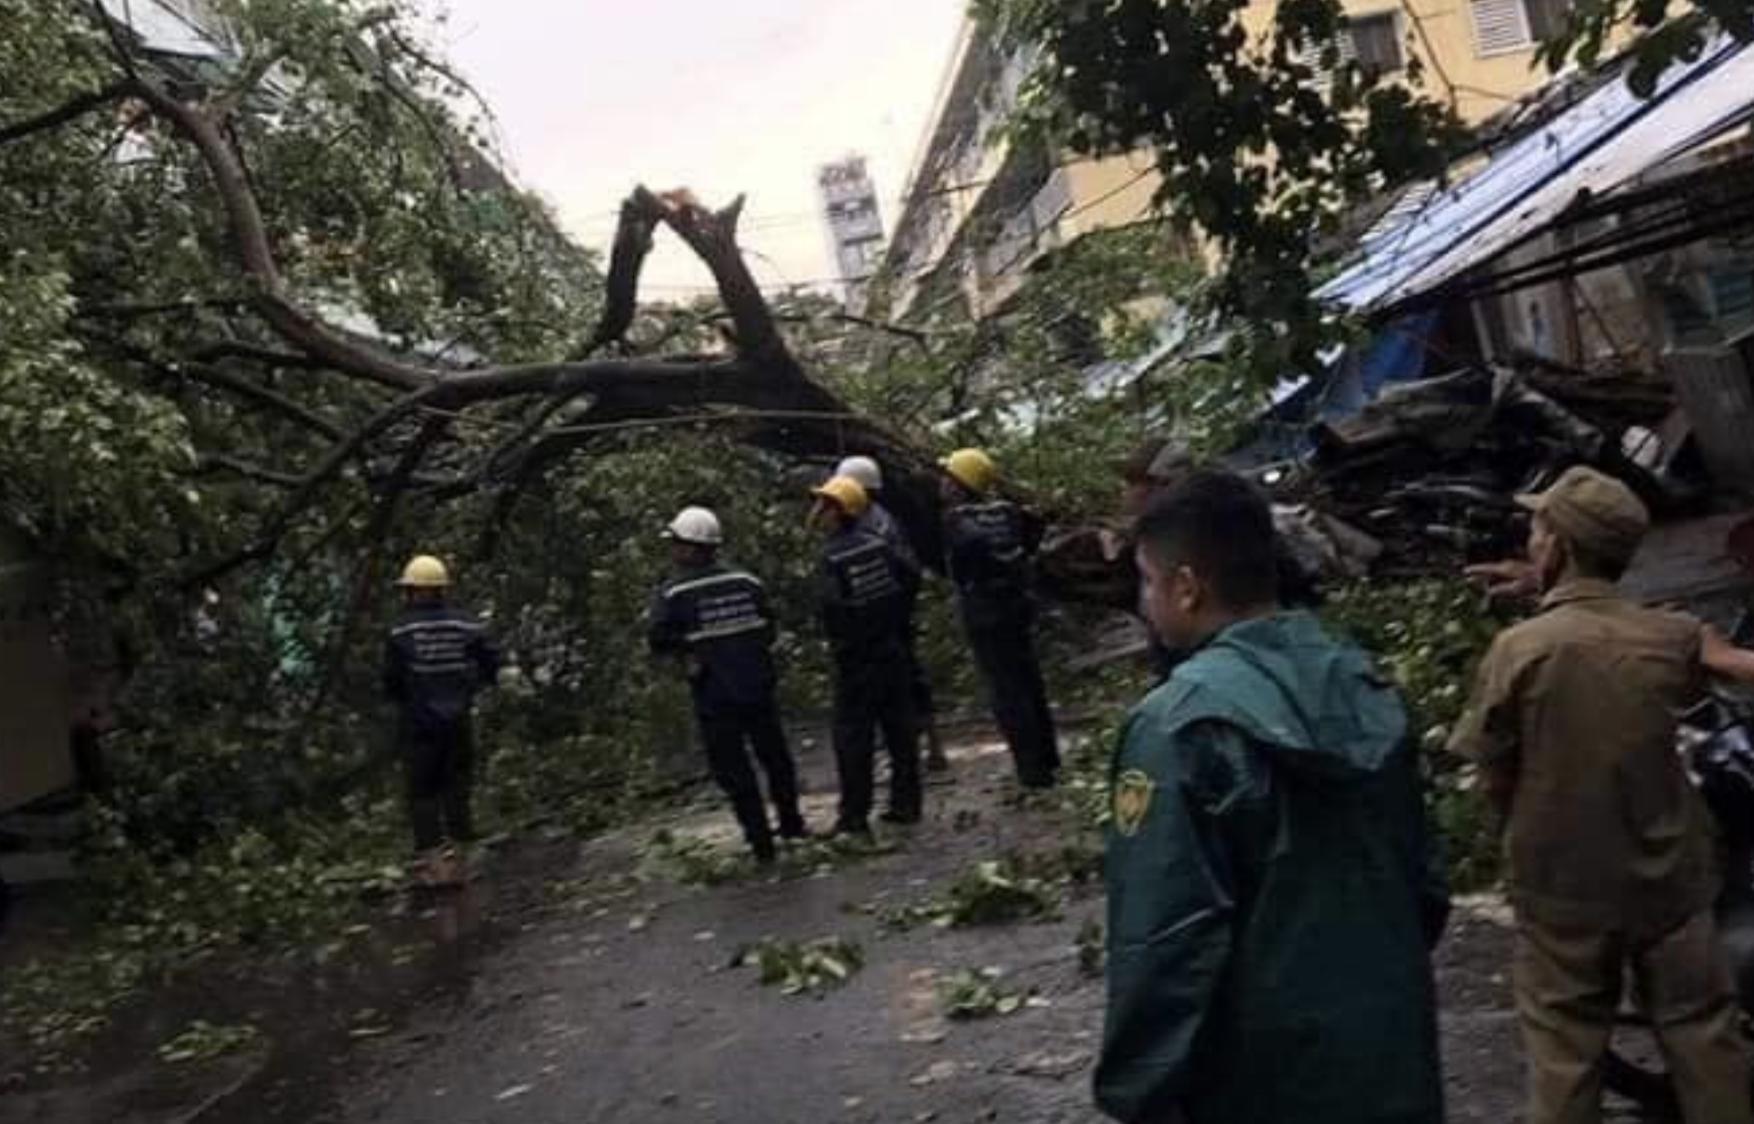 TP.HCM: Sau cơn mưa lớn kèm gió giật, nhiều cây xanh lại gãy đổ đè nhà dân, đè cả người đi đường